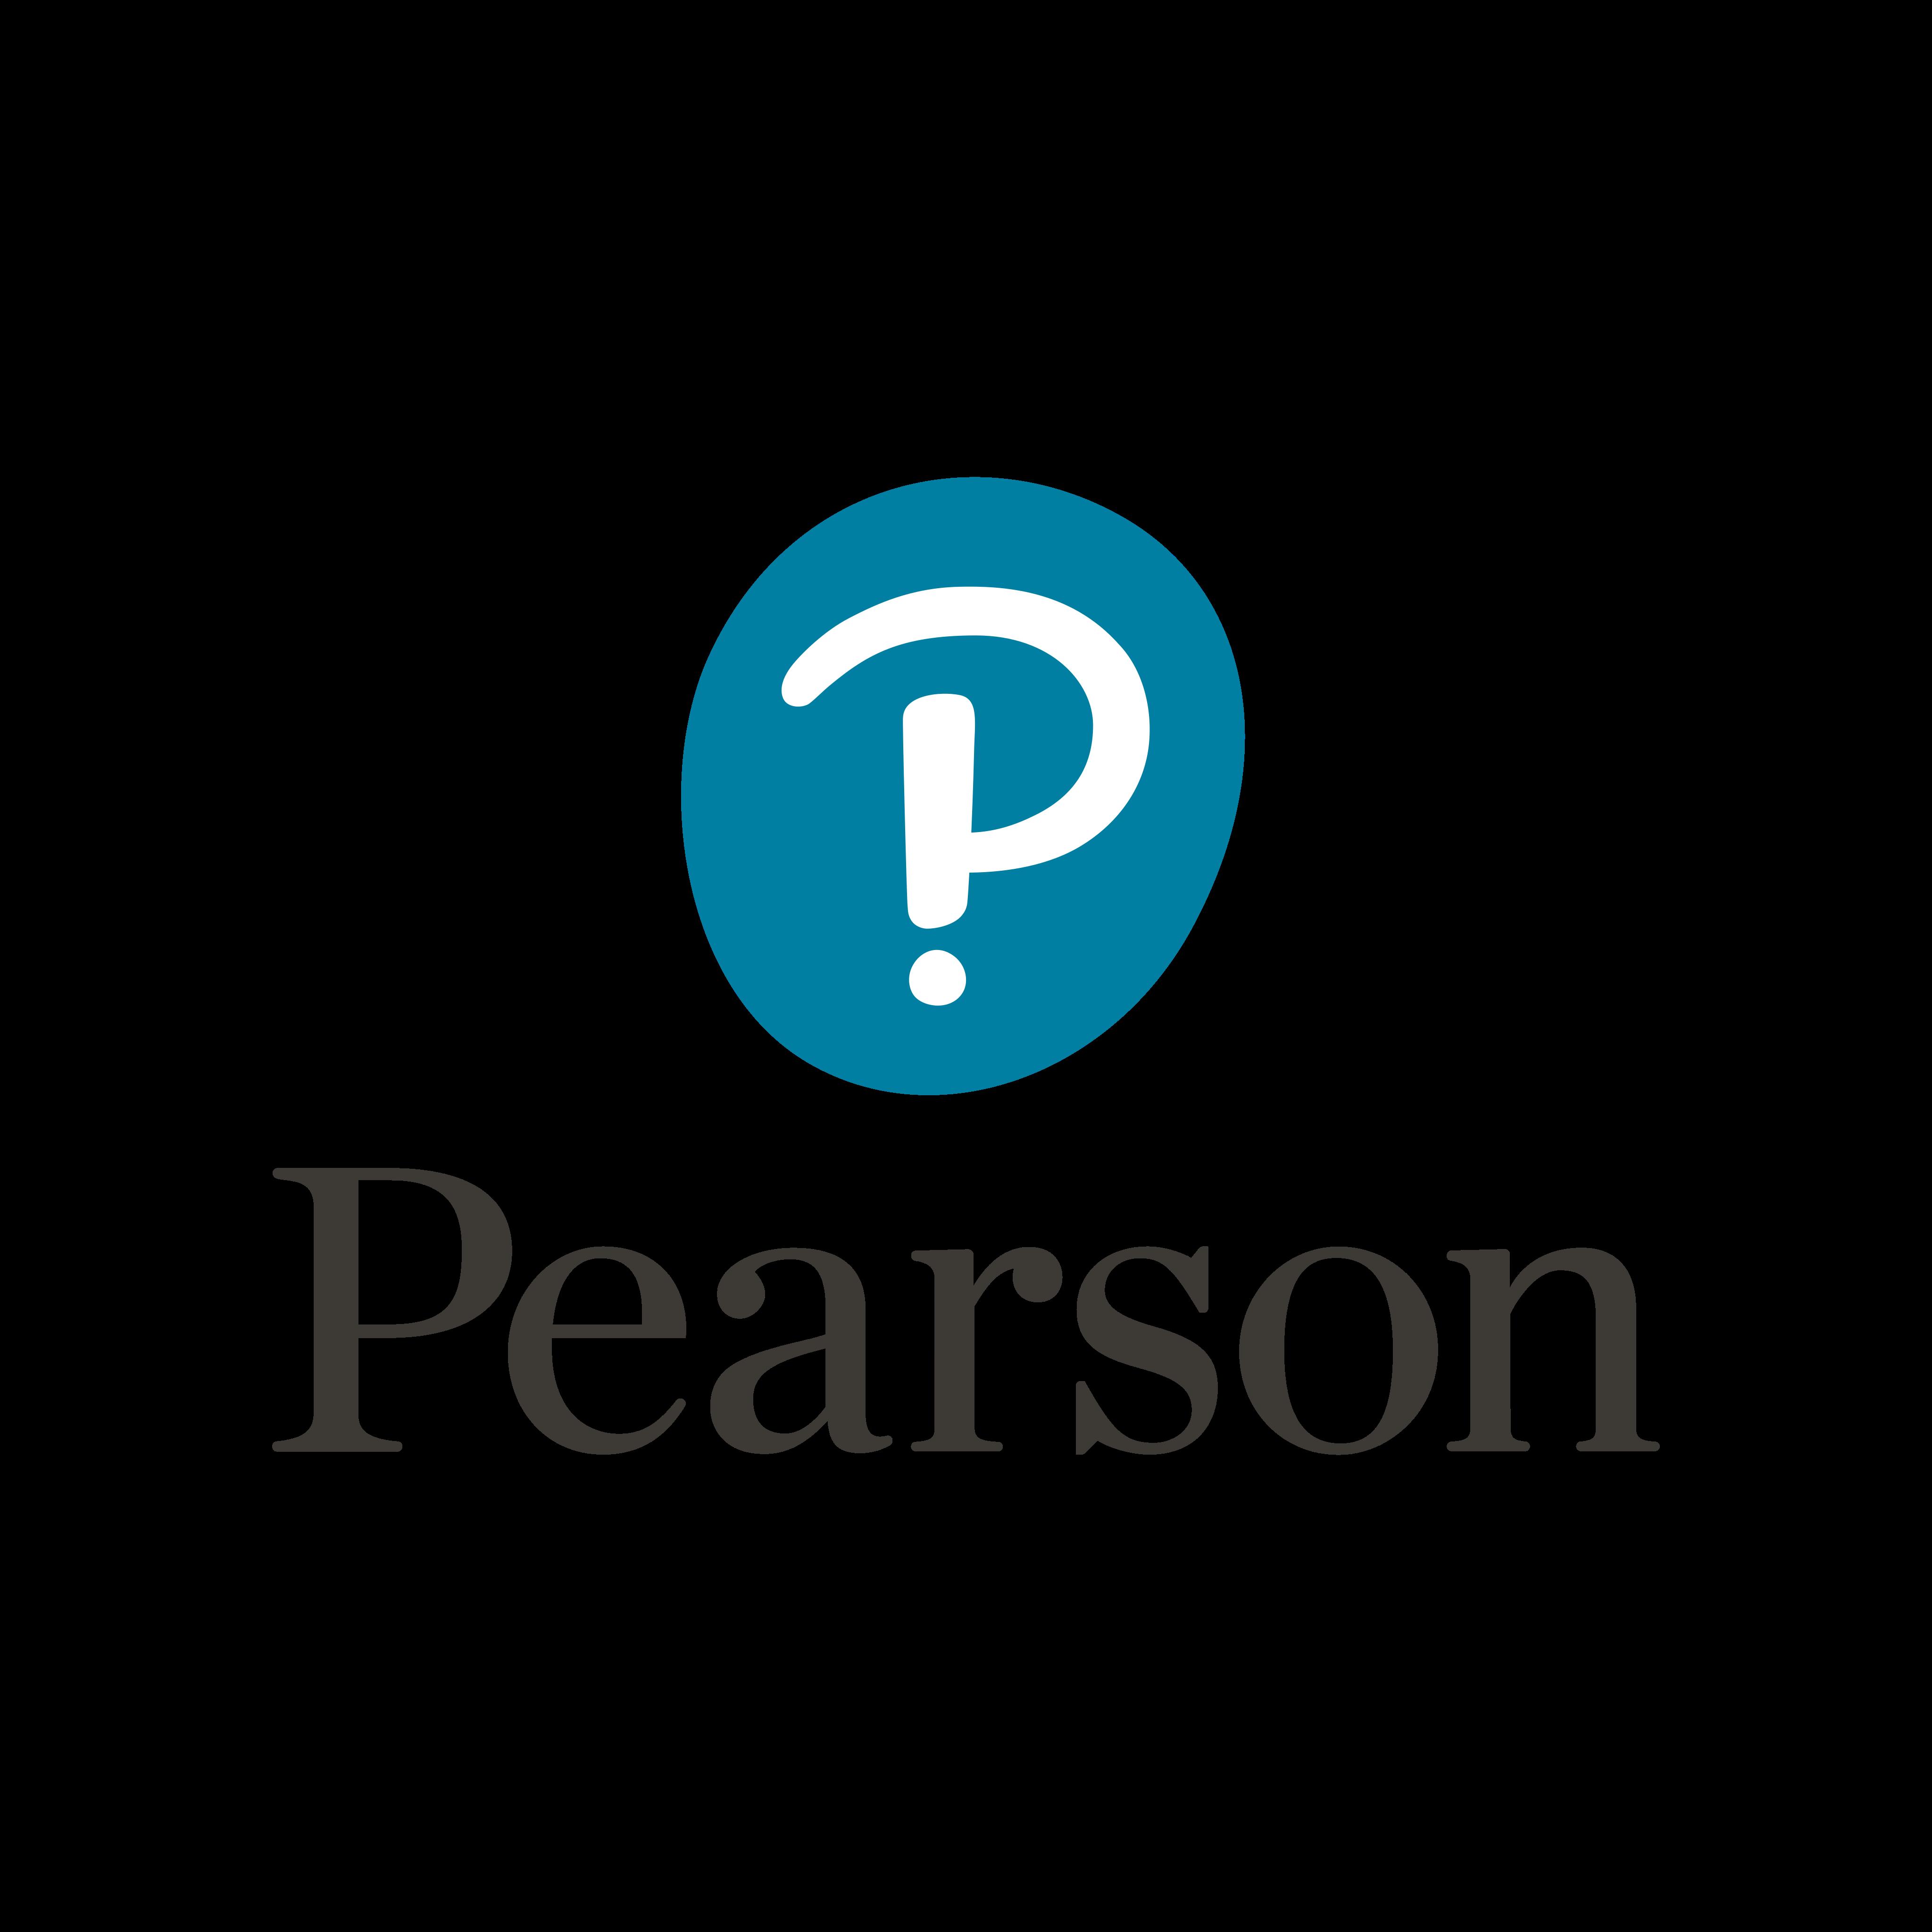 pearson logo 0 - Pearson Logo